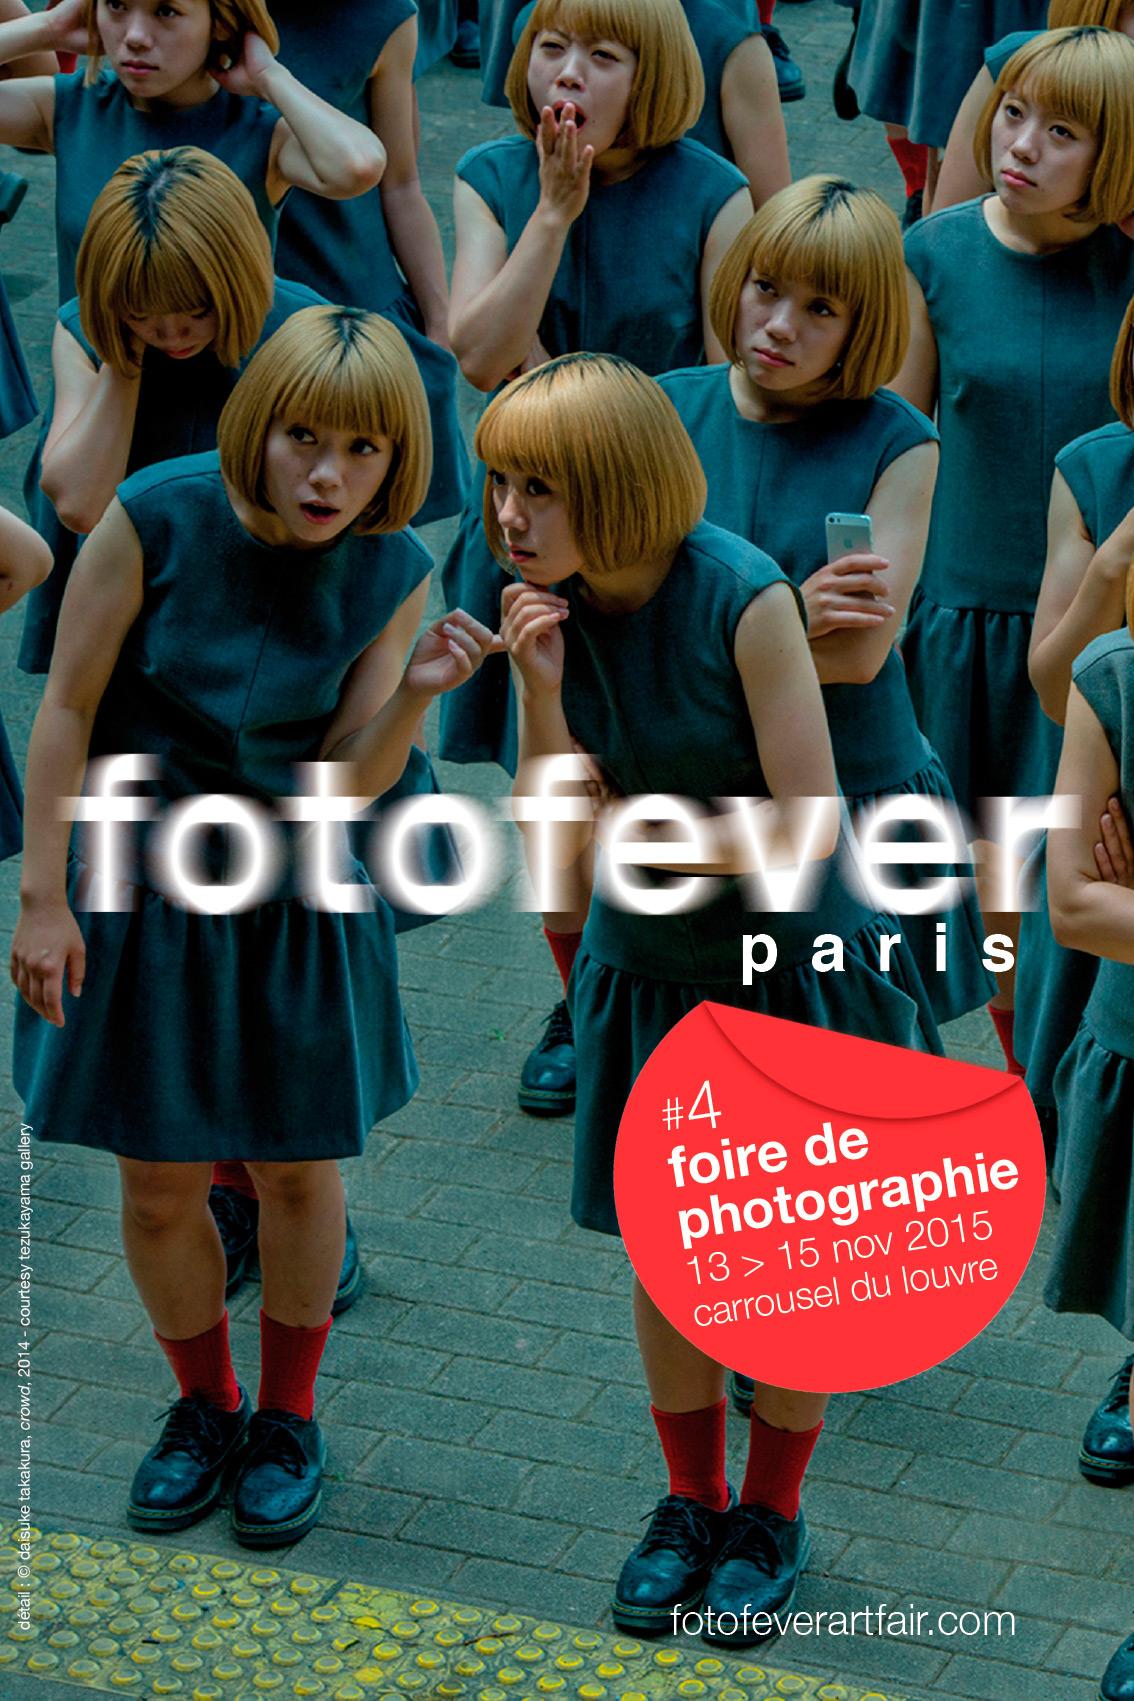 fotofever15